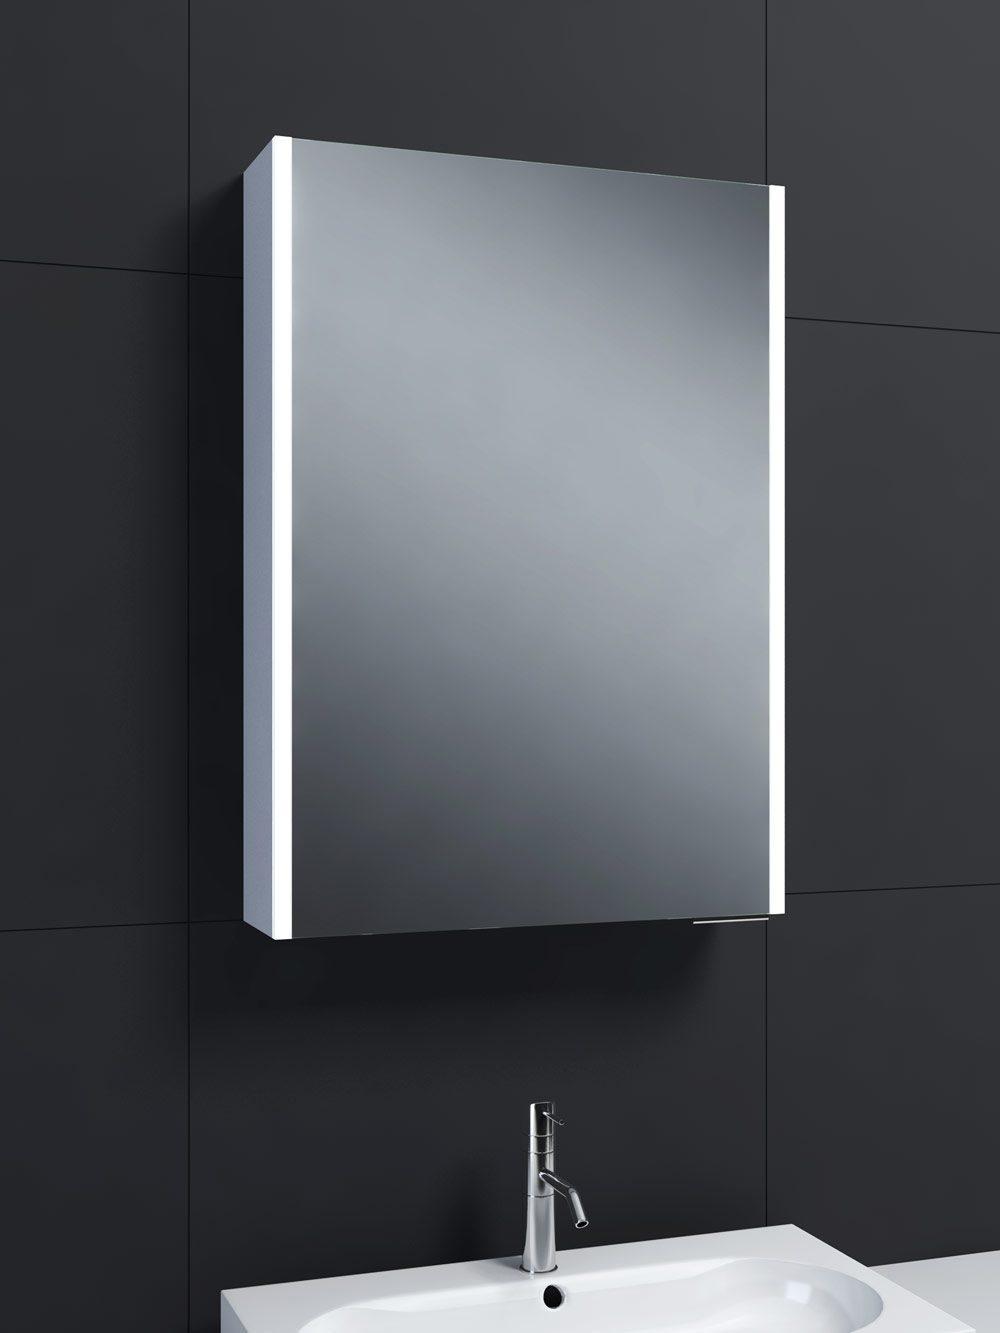 Drift Mirrored Cabinets Range Btw